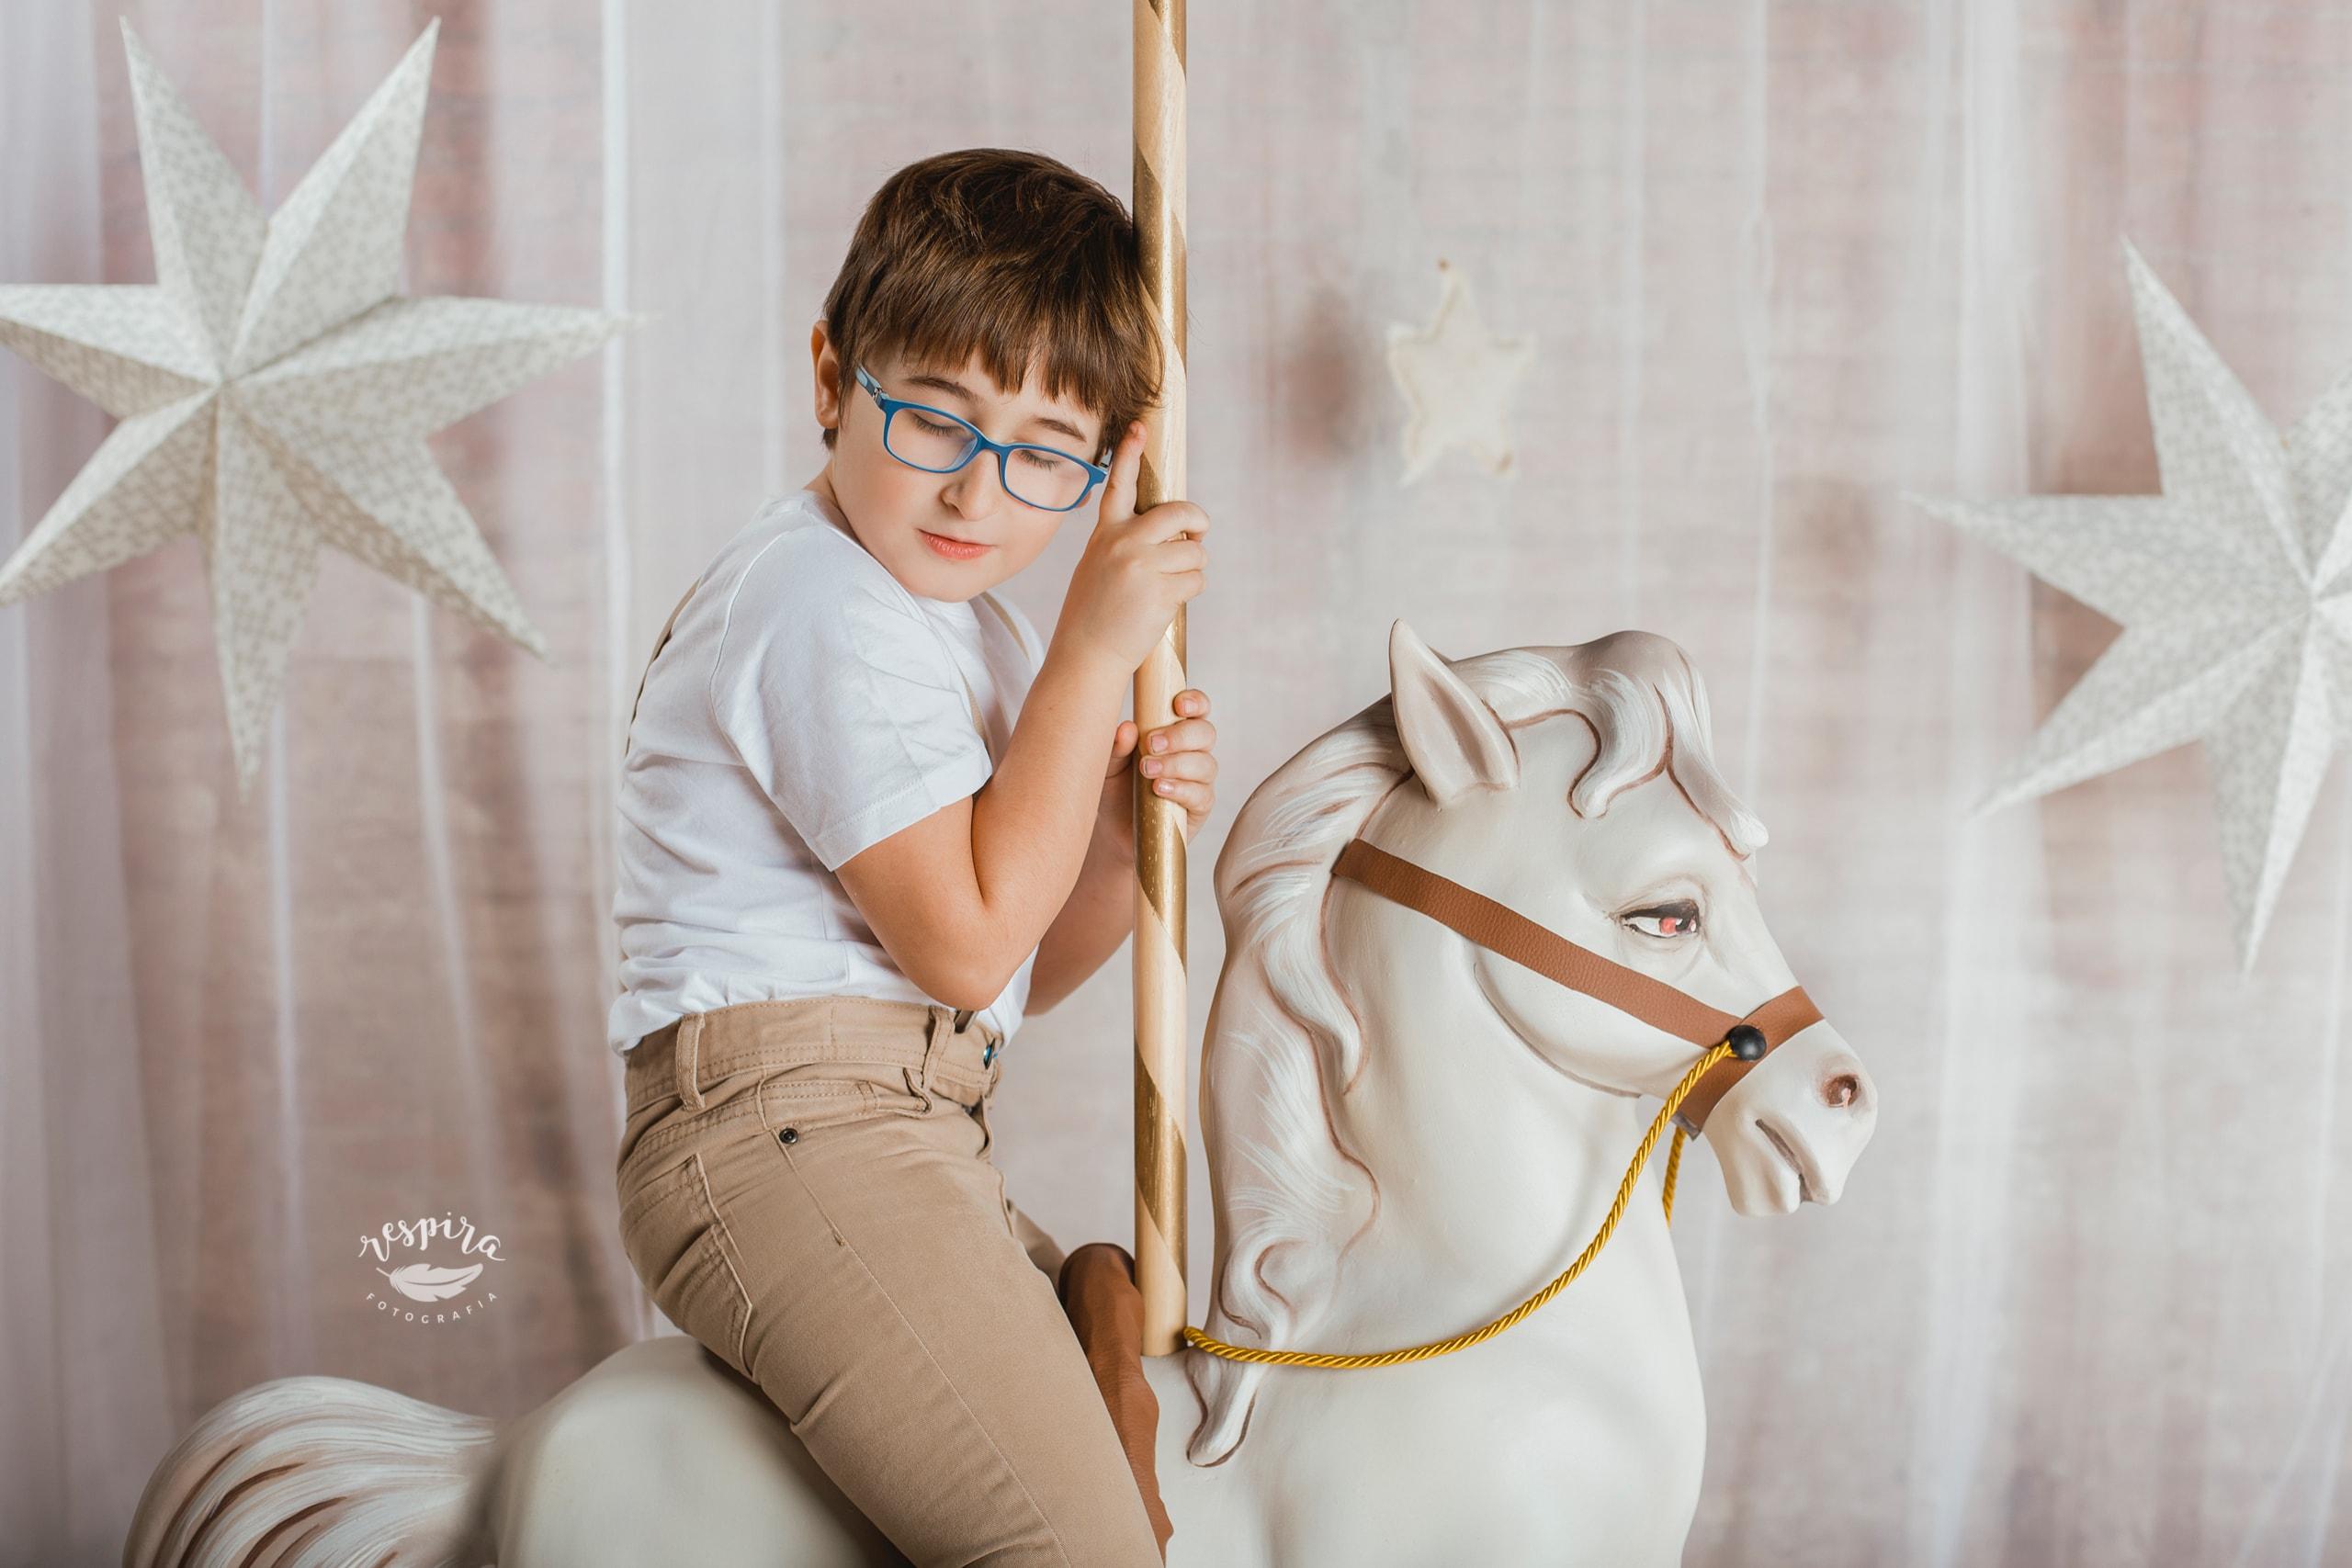 Fotografo infantil en olesa barcelona baix llobregat